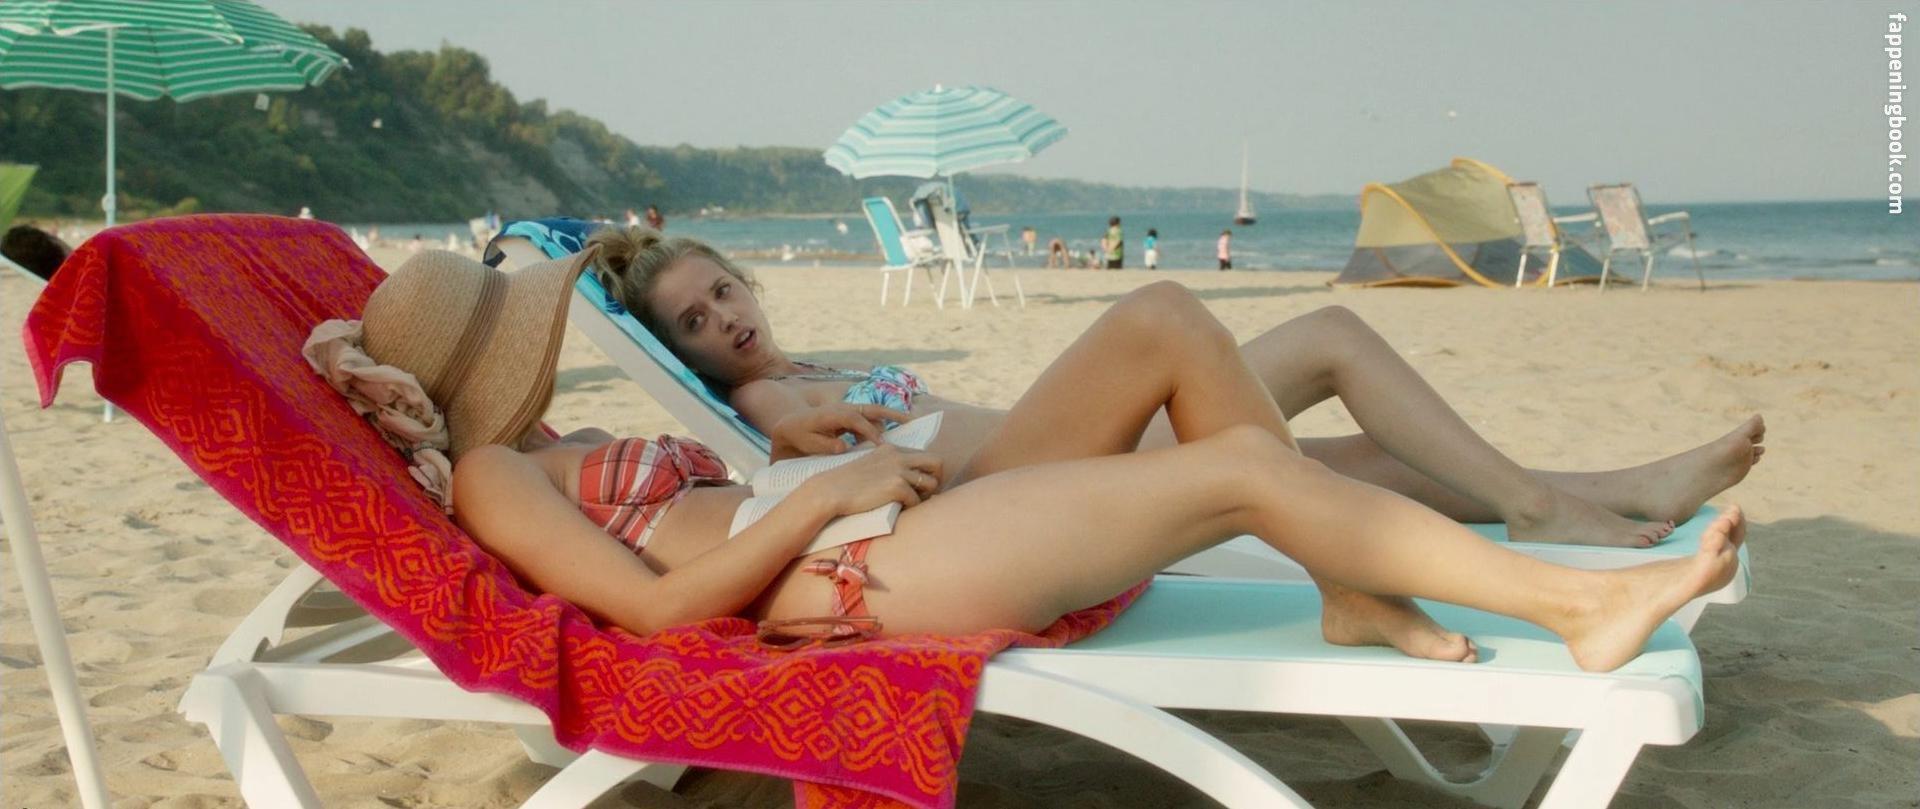 Sunny leone sex pics naked